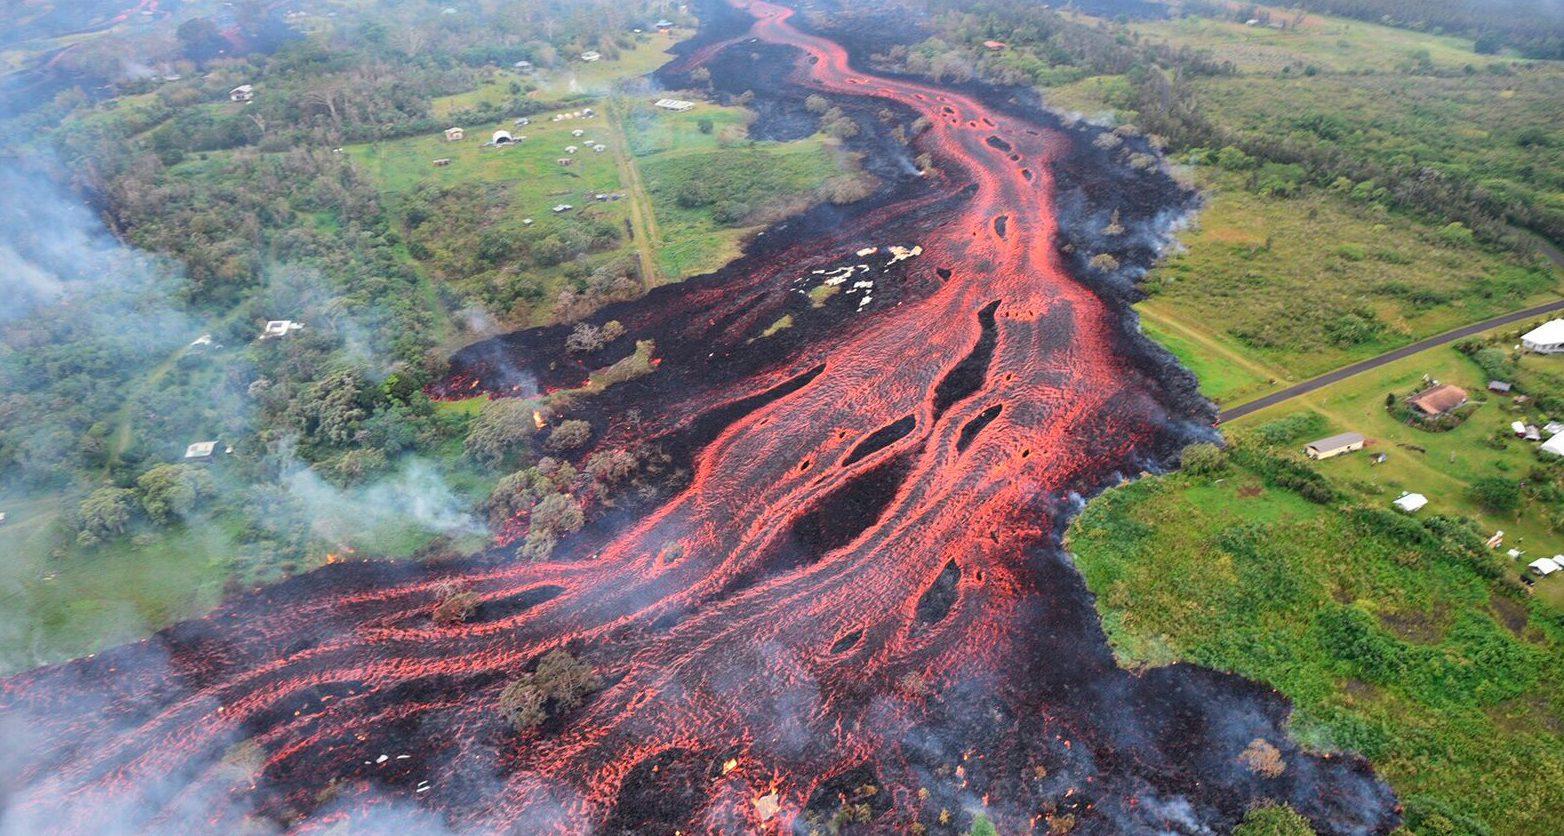 Volcanoes (Disasters)